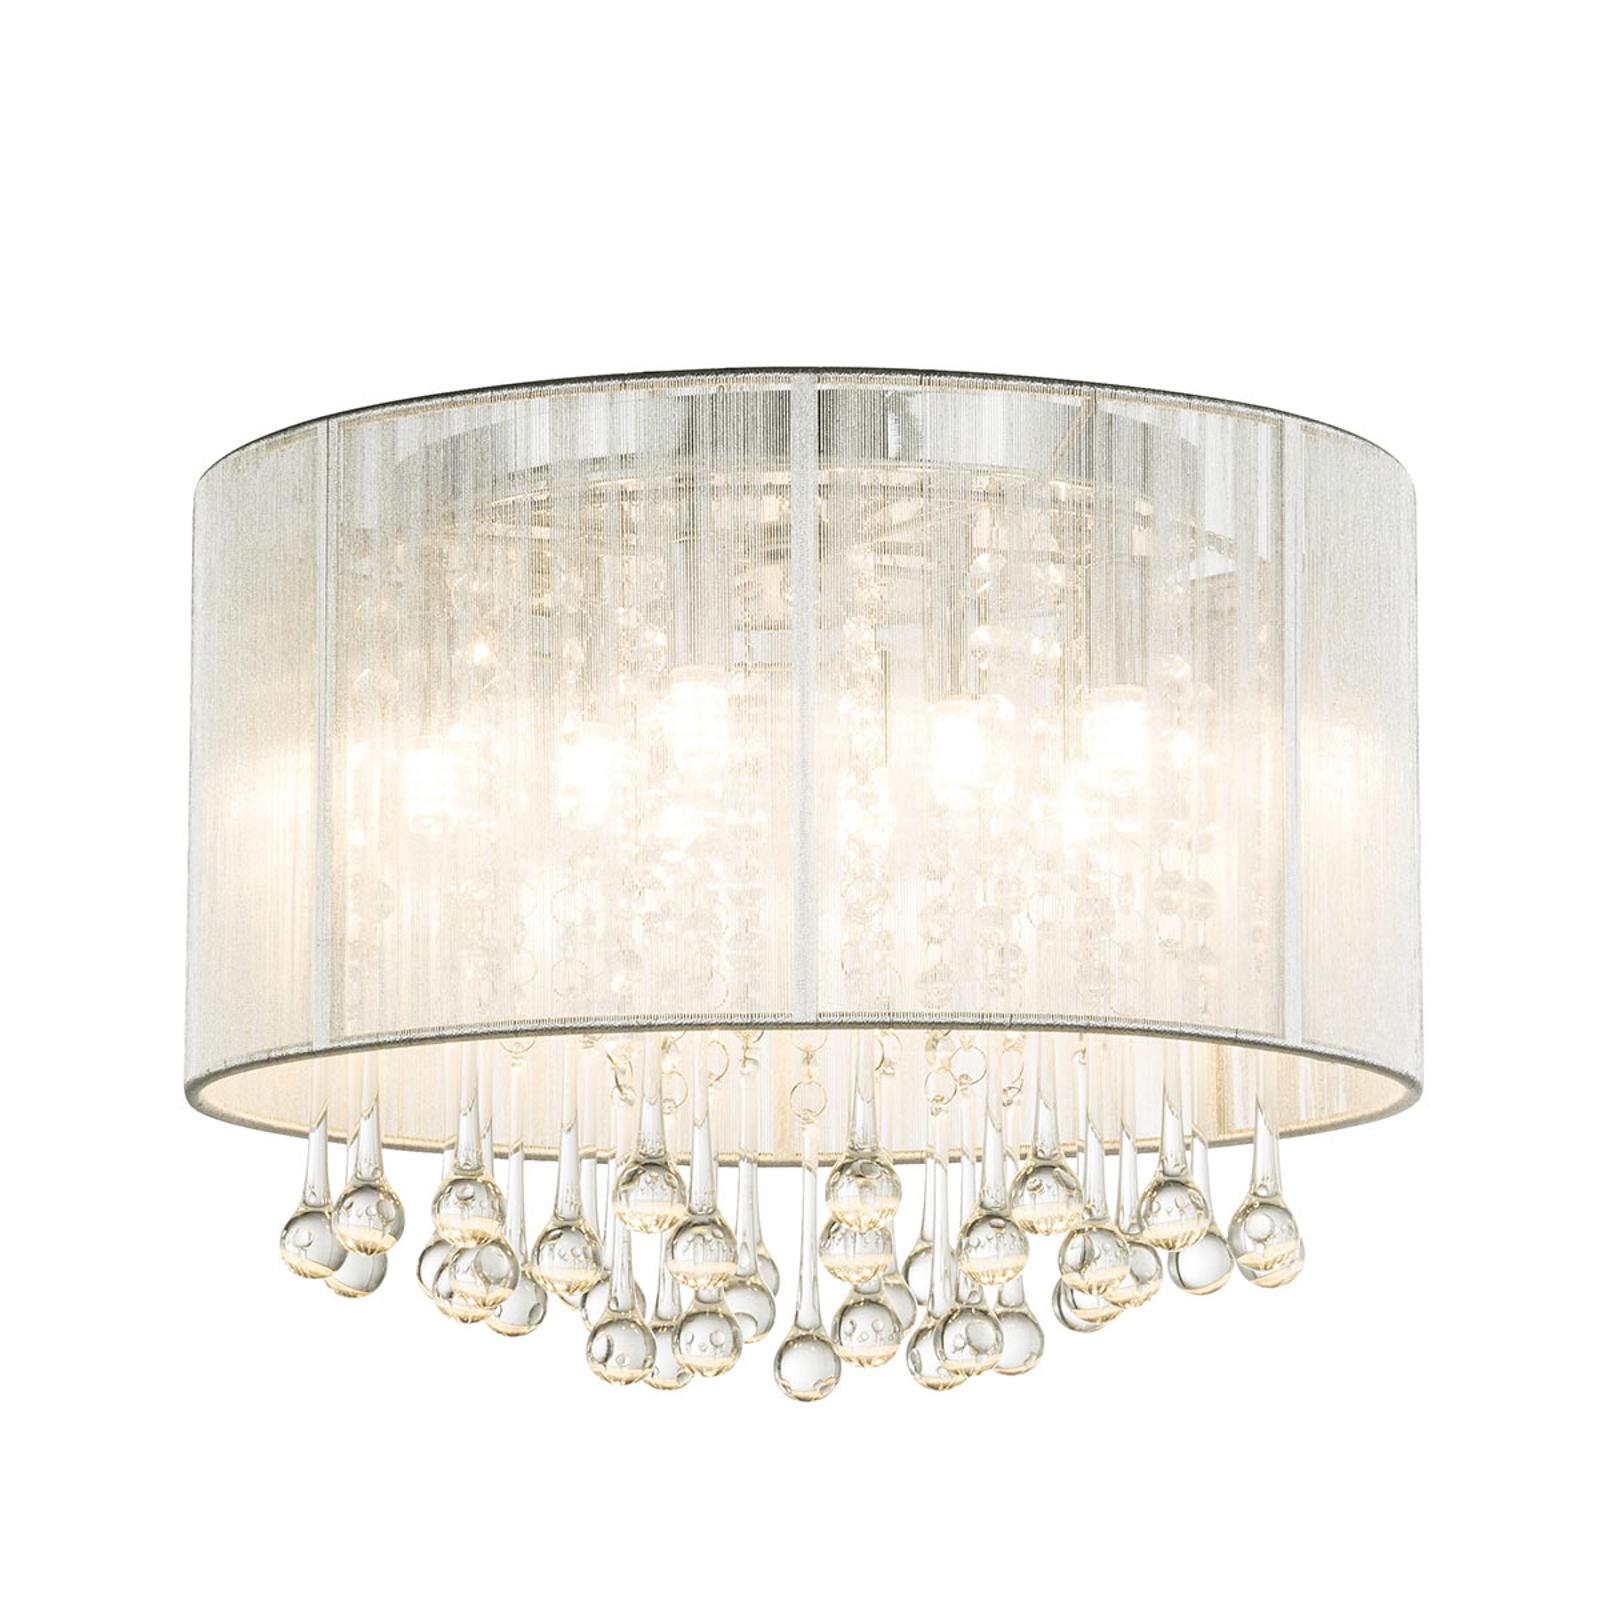 Srebrna lampa sufitowa LED Sierra z zawieszkami